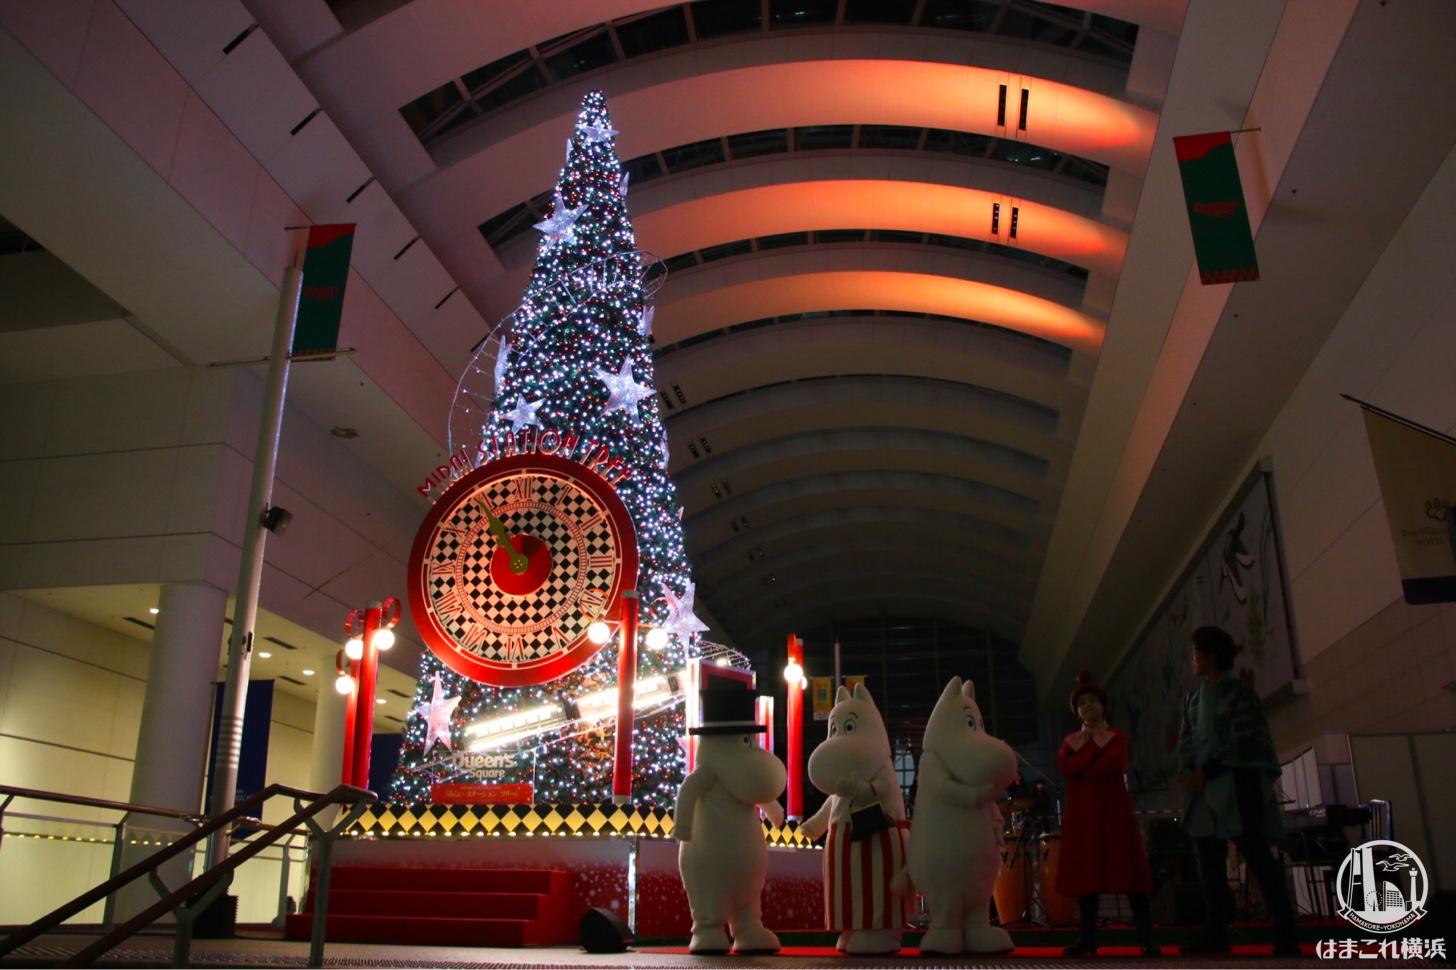 クイーンズスクエア横浜クリスマス2018 クリスマスツリー